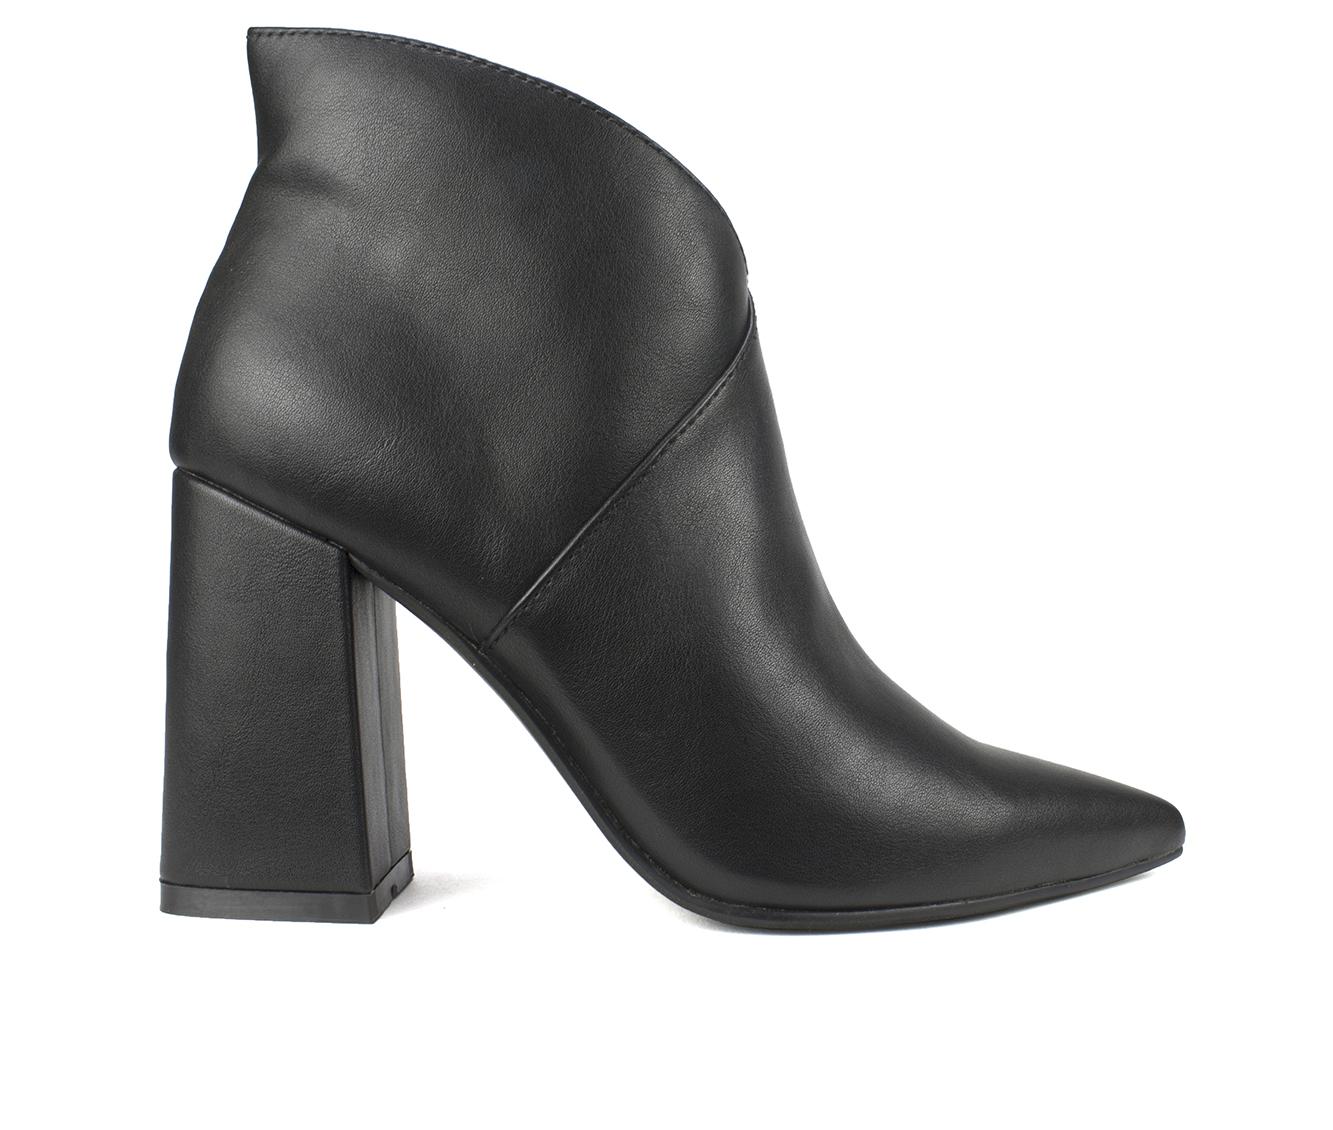 Seven Dials Falcon Women's Boots (Black - Faux Leather)